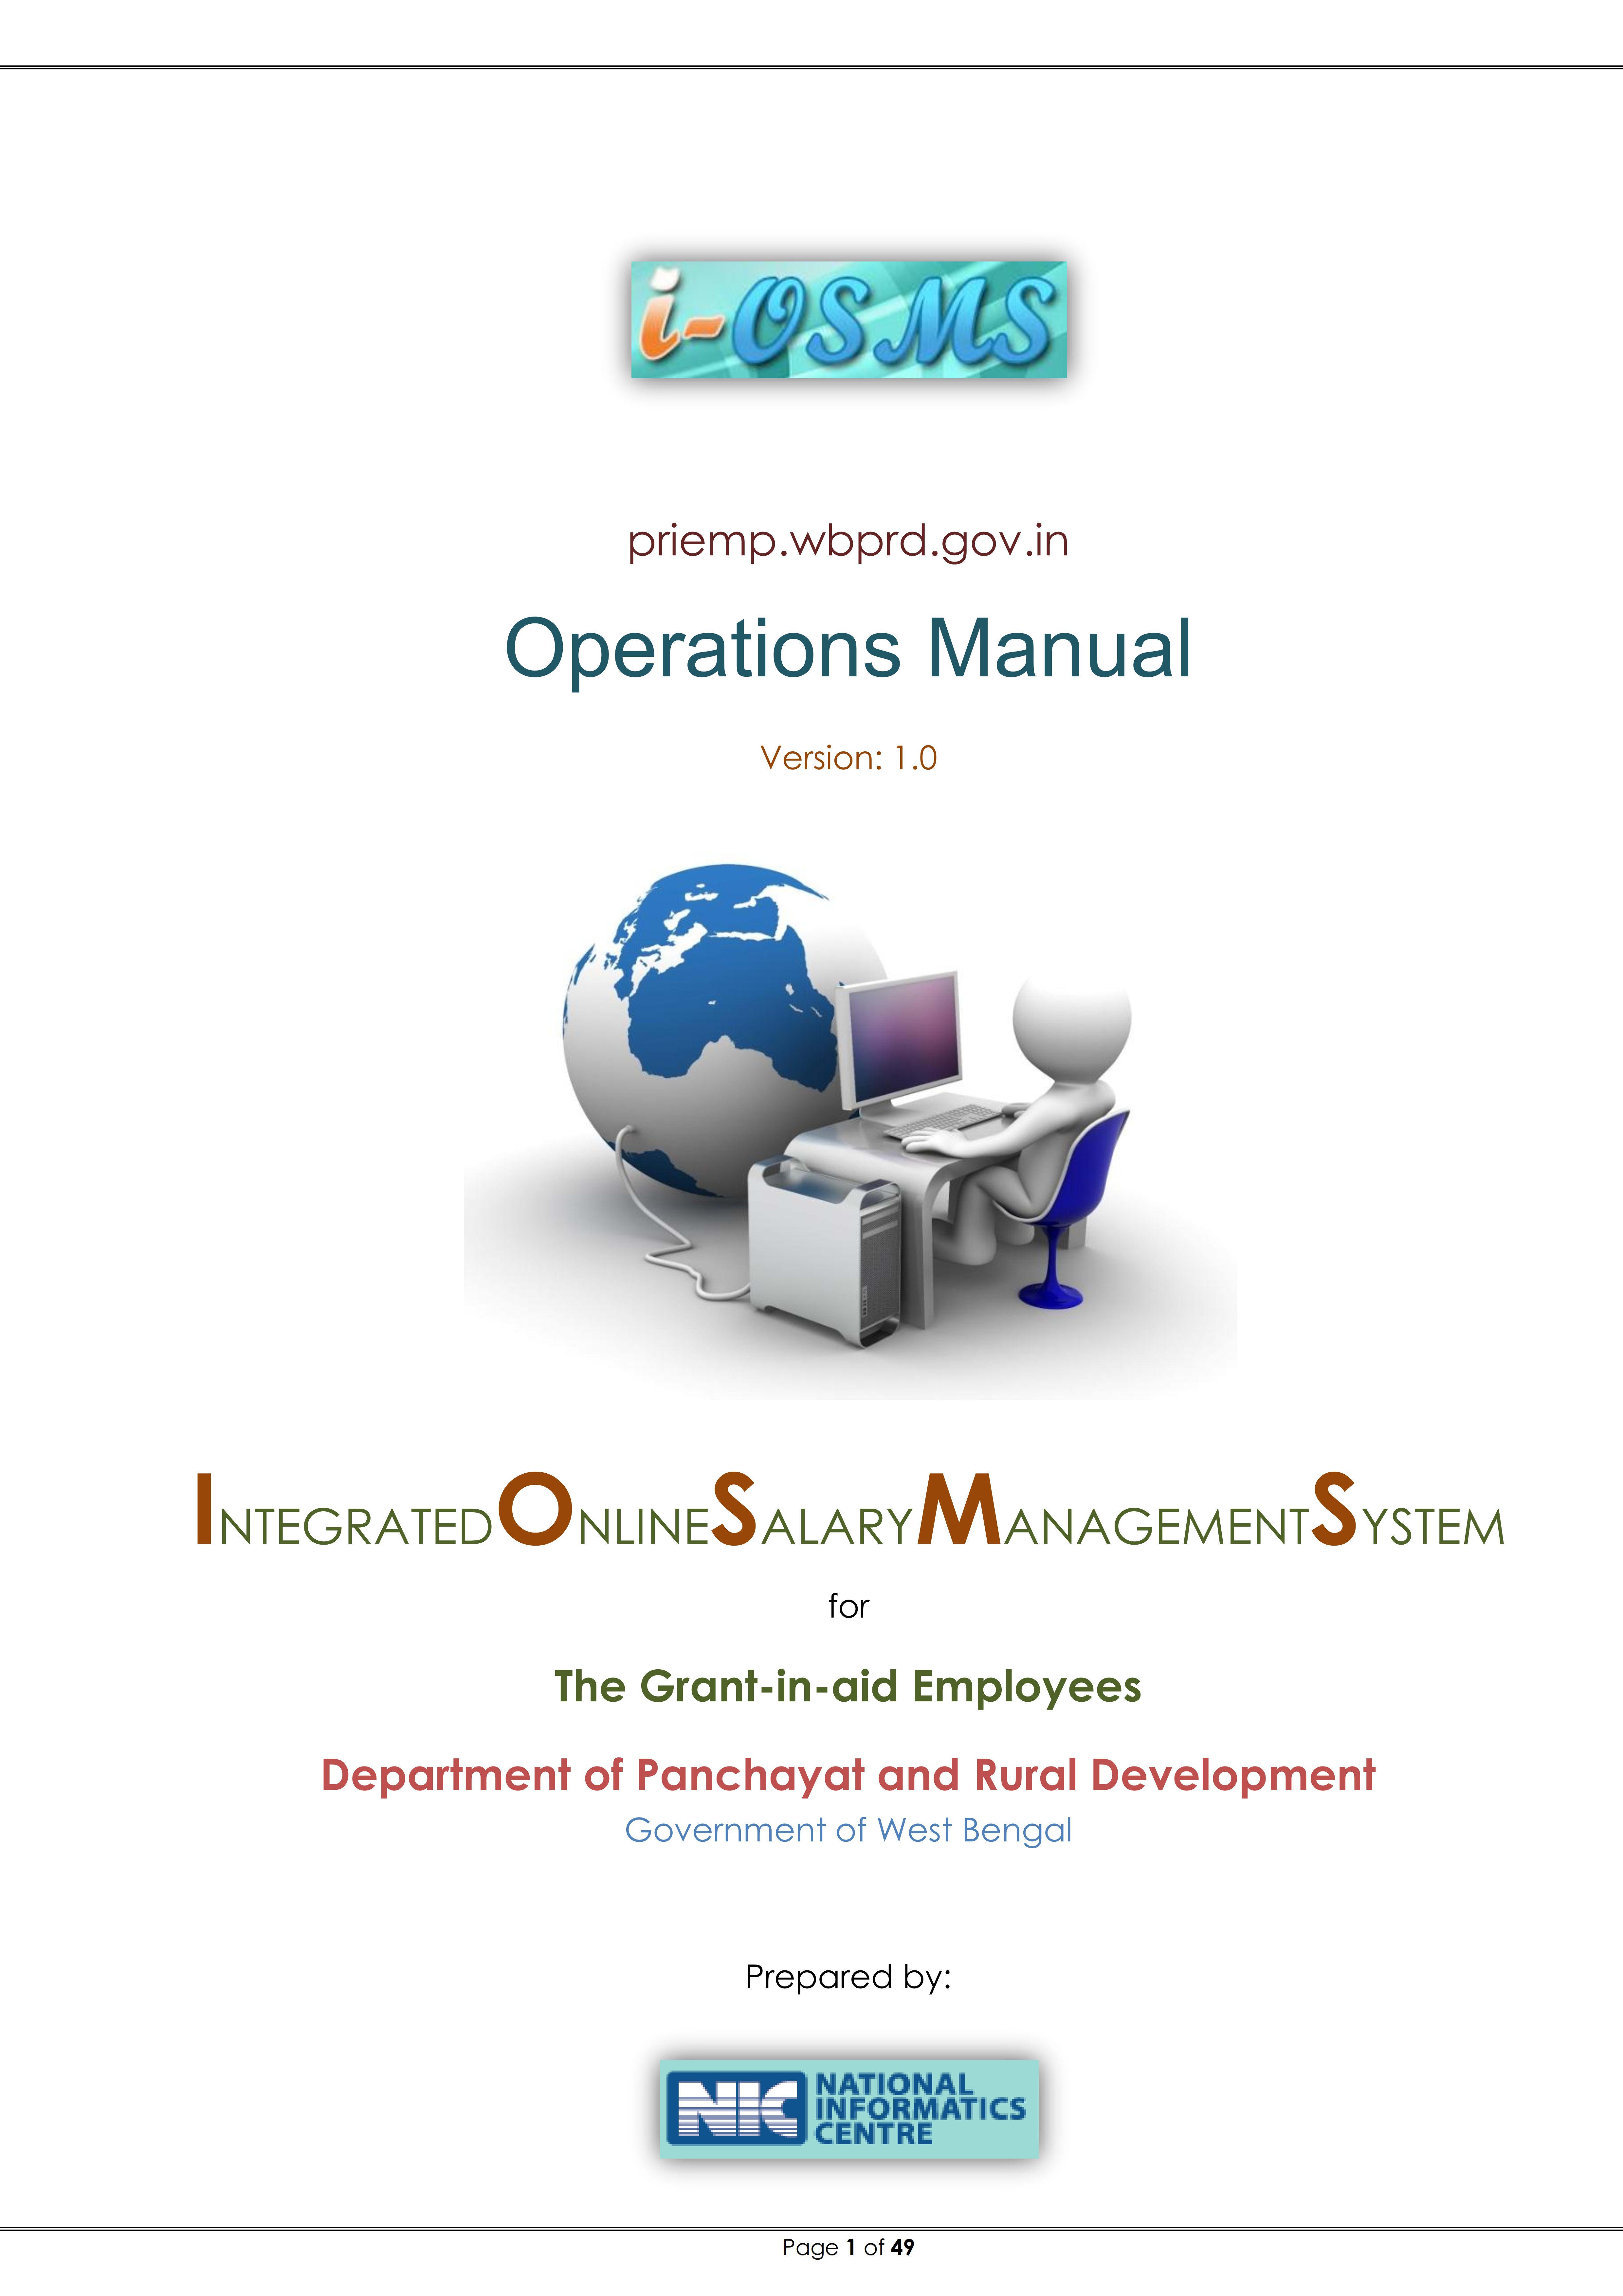 COSA Manual